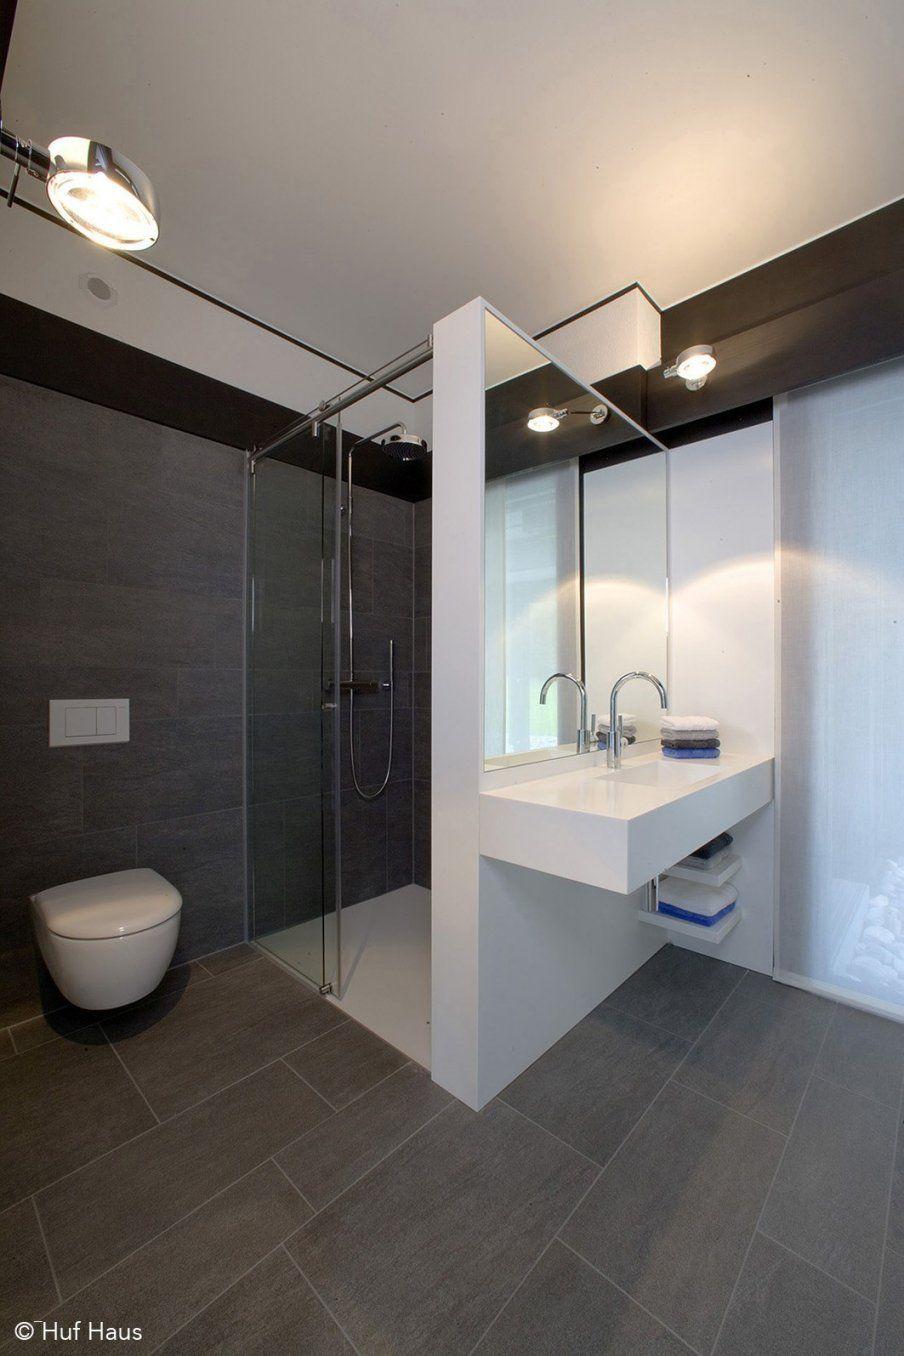 Kleines Bad Ohne Fenster Gestalten Brillant Huf Haus  Badezimmer von Kleines Bad Ohne Fenster Gestalten Bild